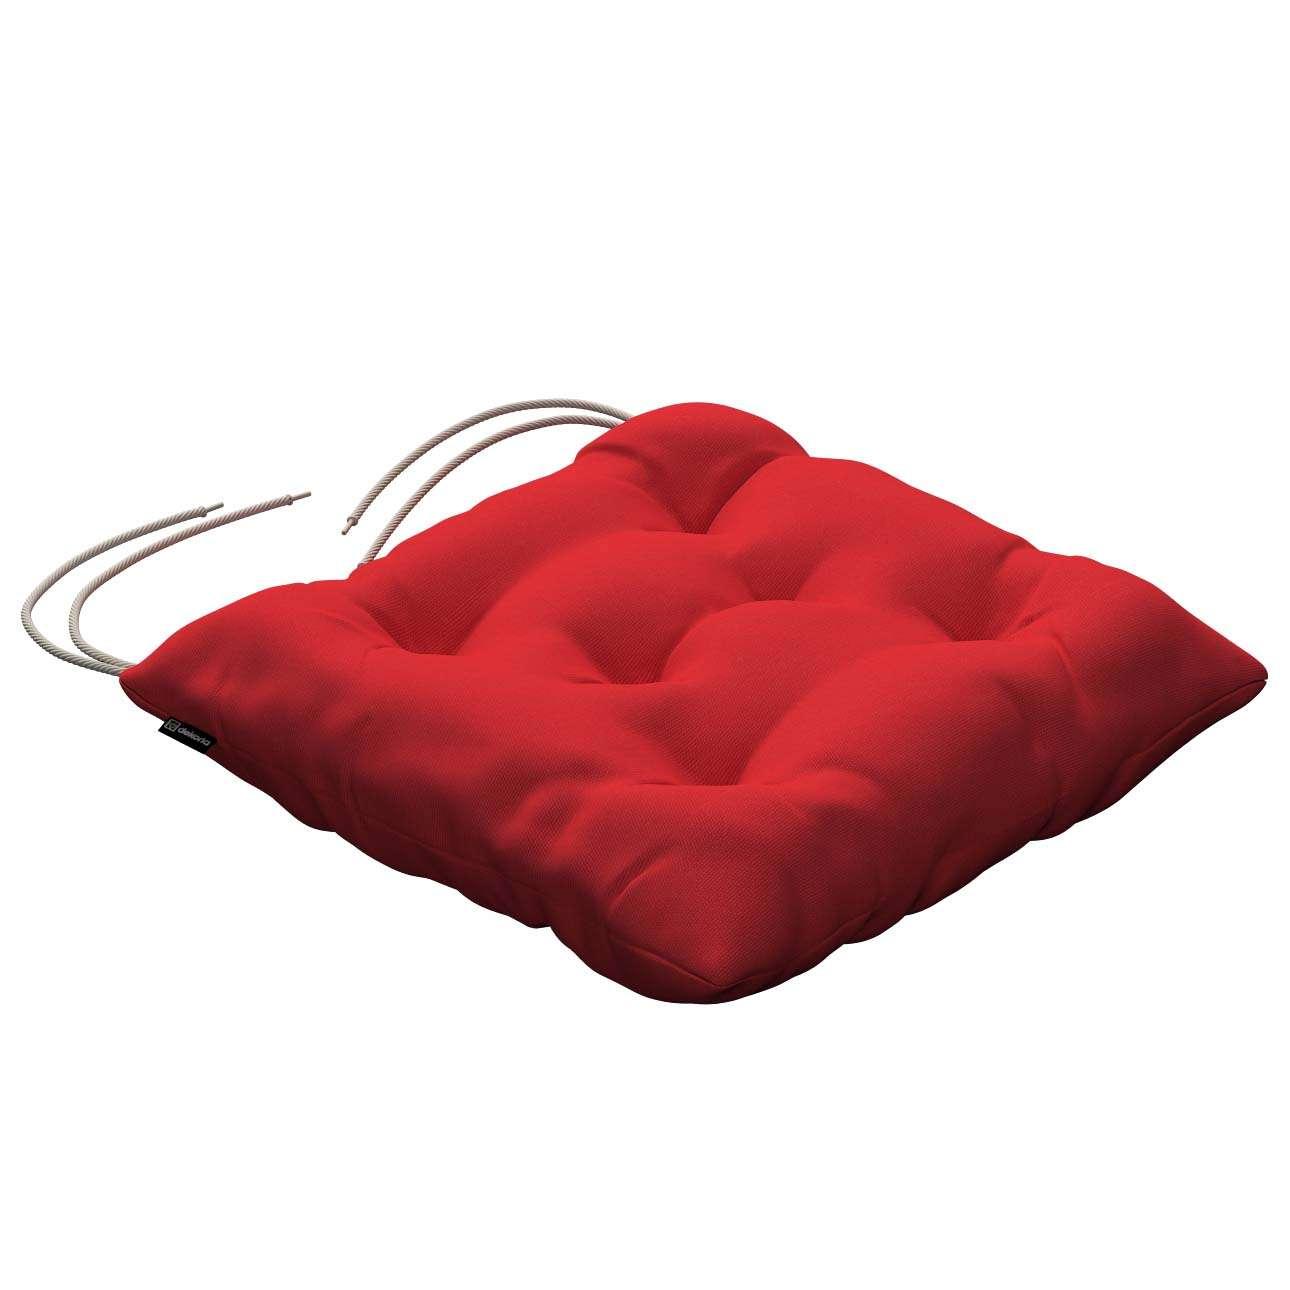 Siedzisko Jacek na krzesło 40x40x8cm w kolekcji Loneta, tkanina: 133-43